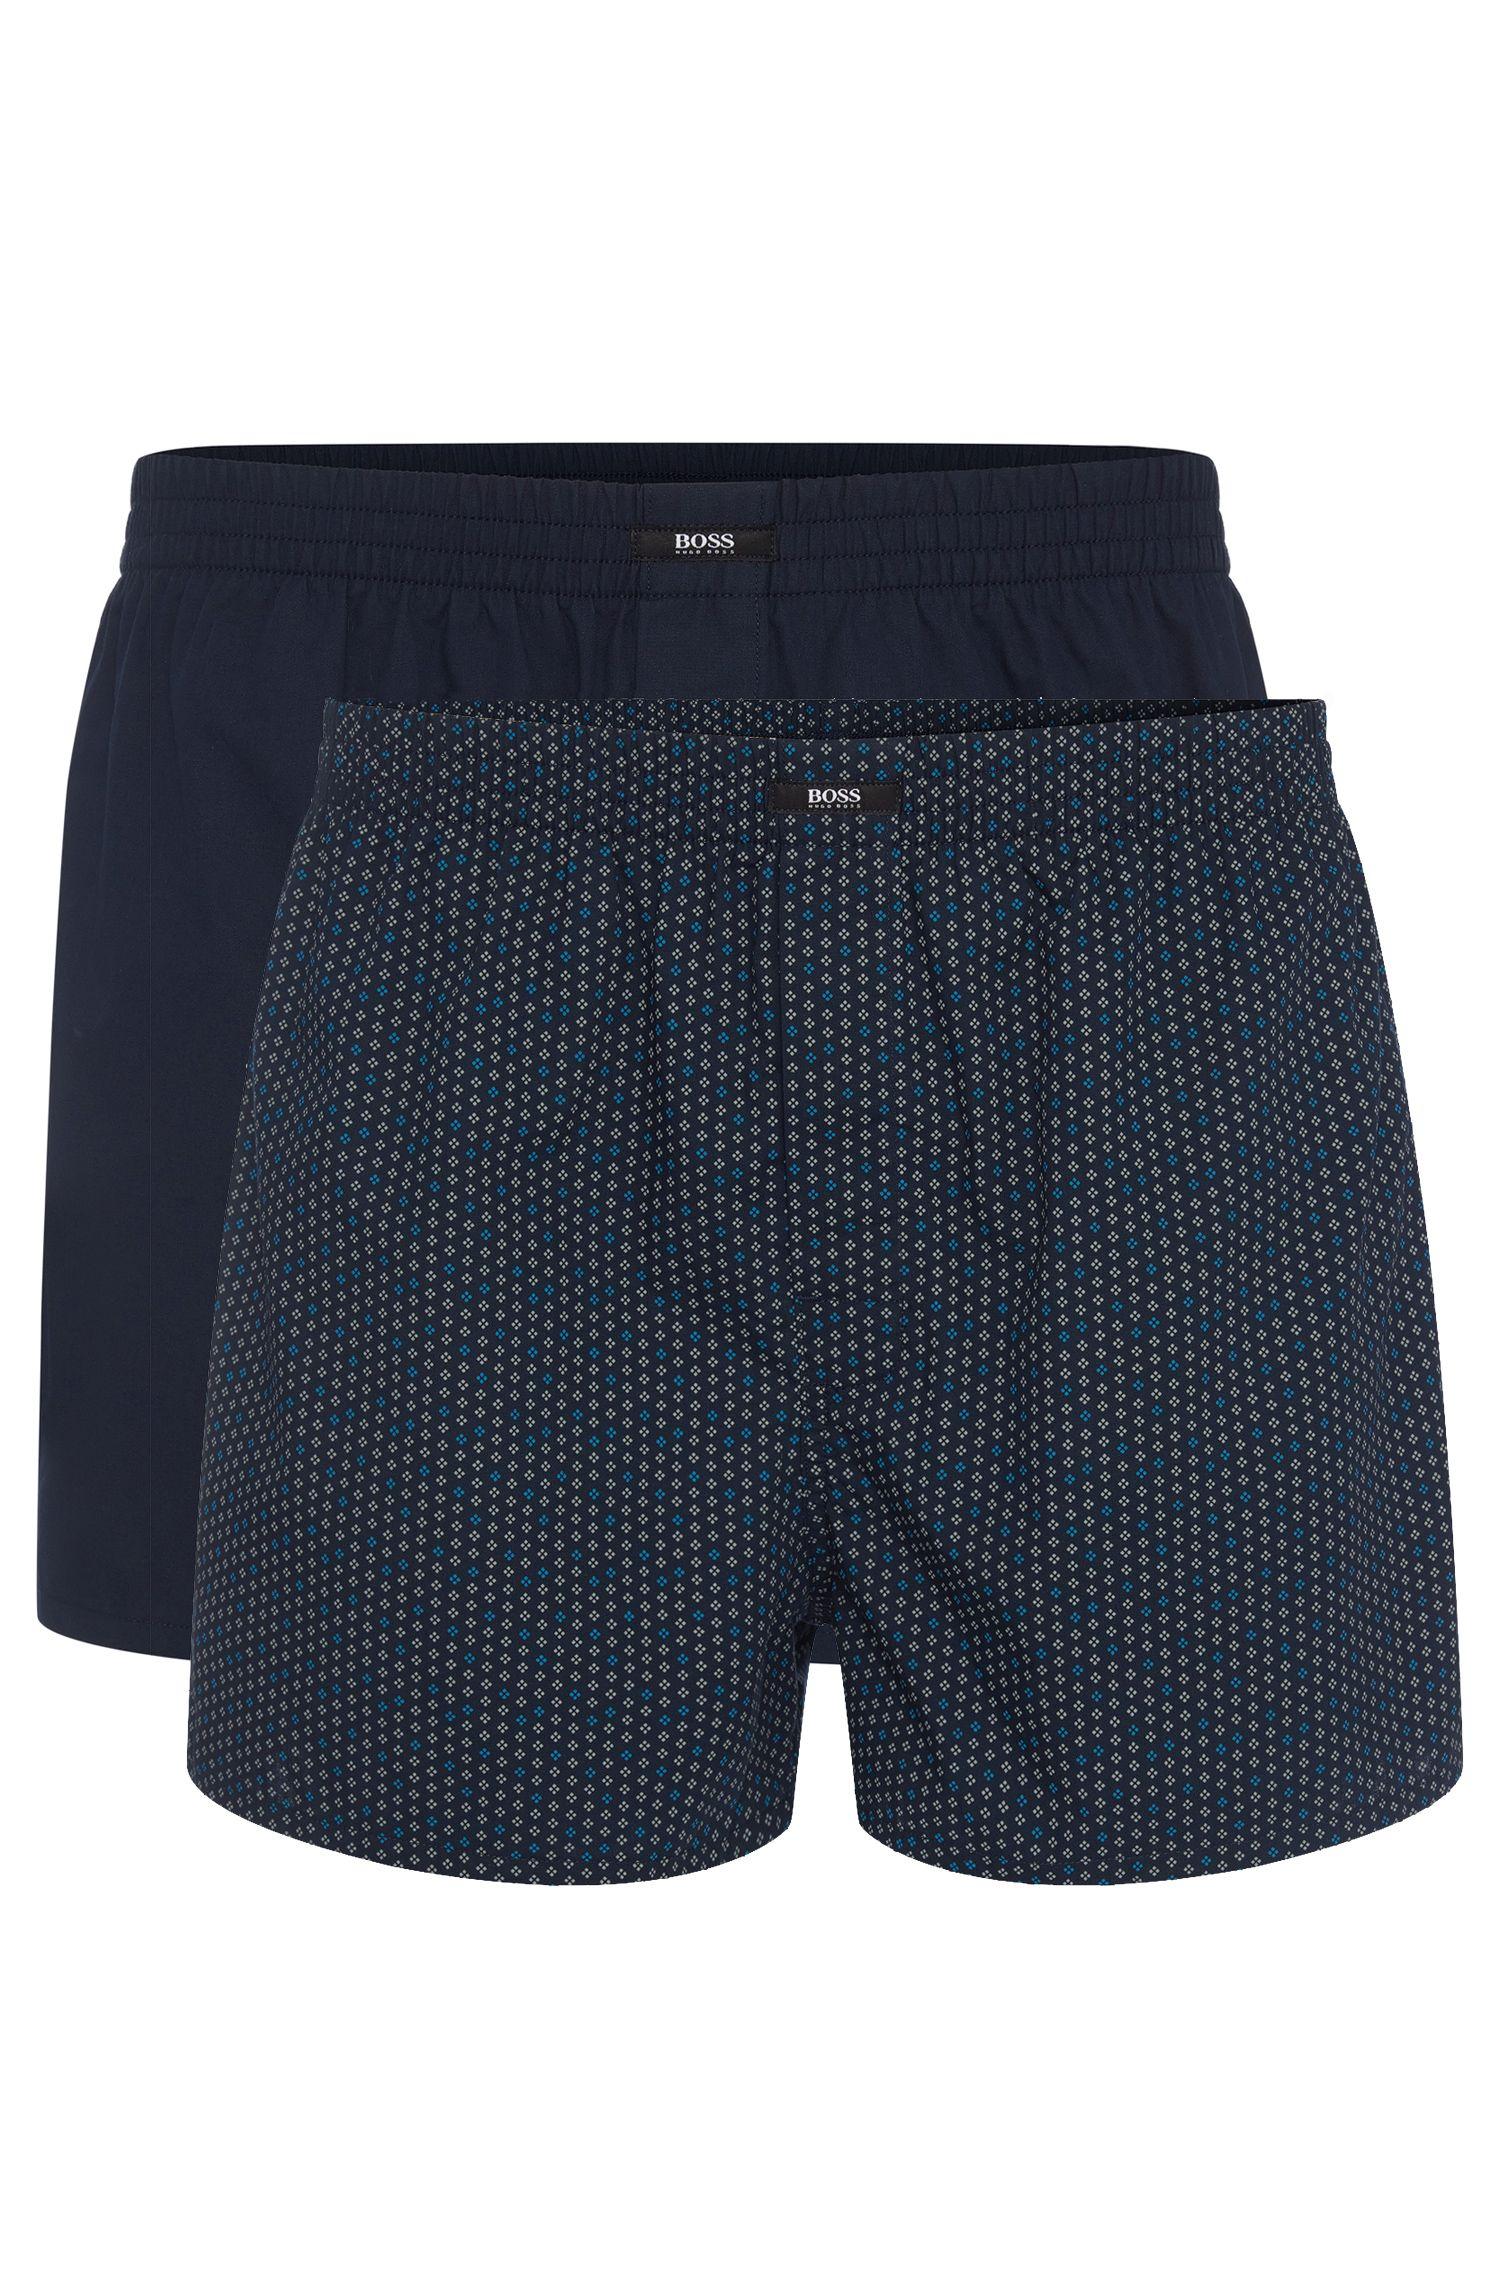 Paquete de dos calzoncillos boxer en algodón: 'Boxer CW 2P'